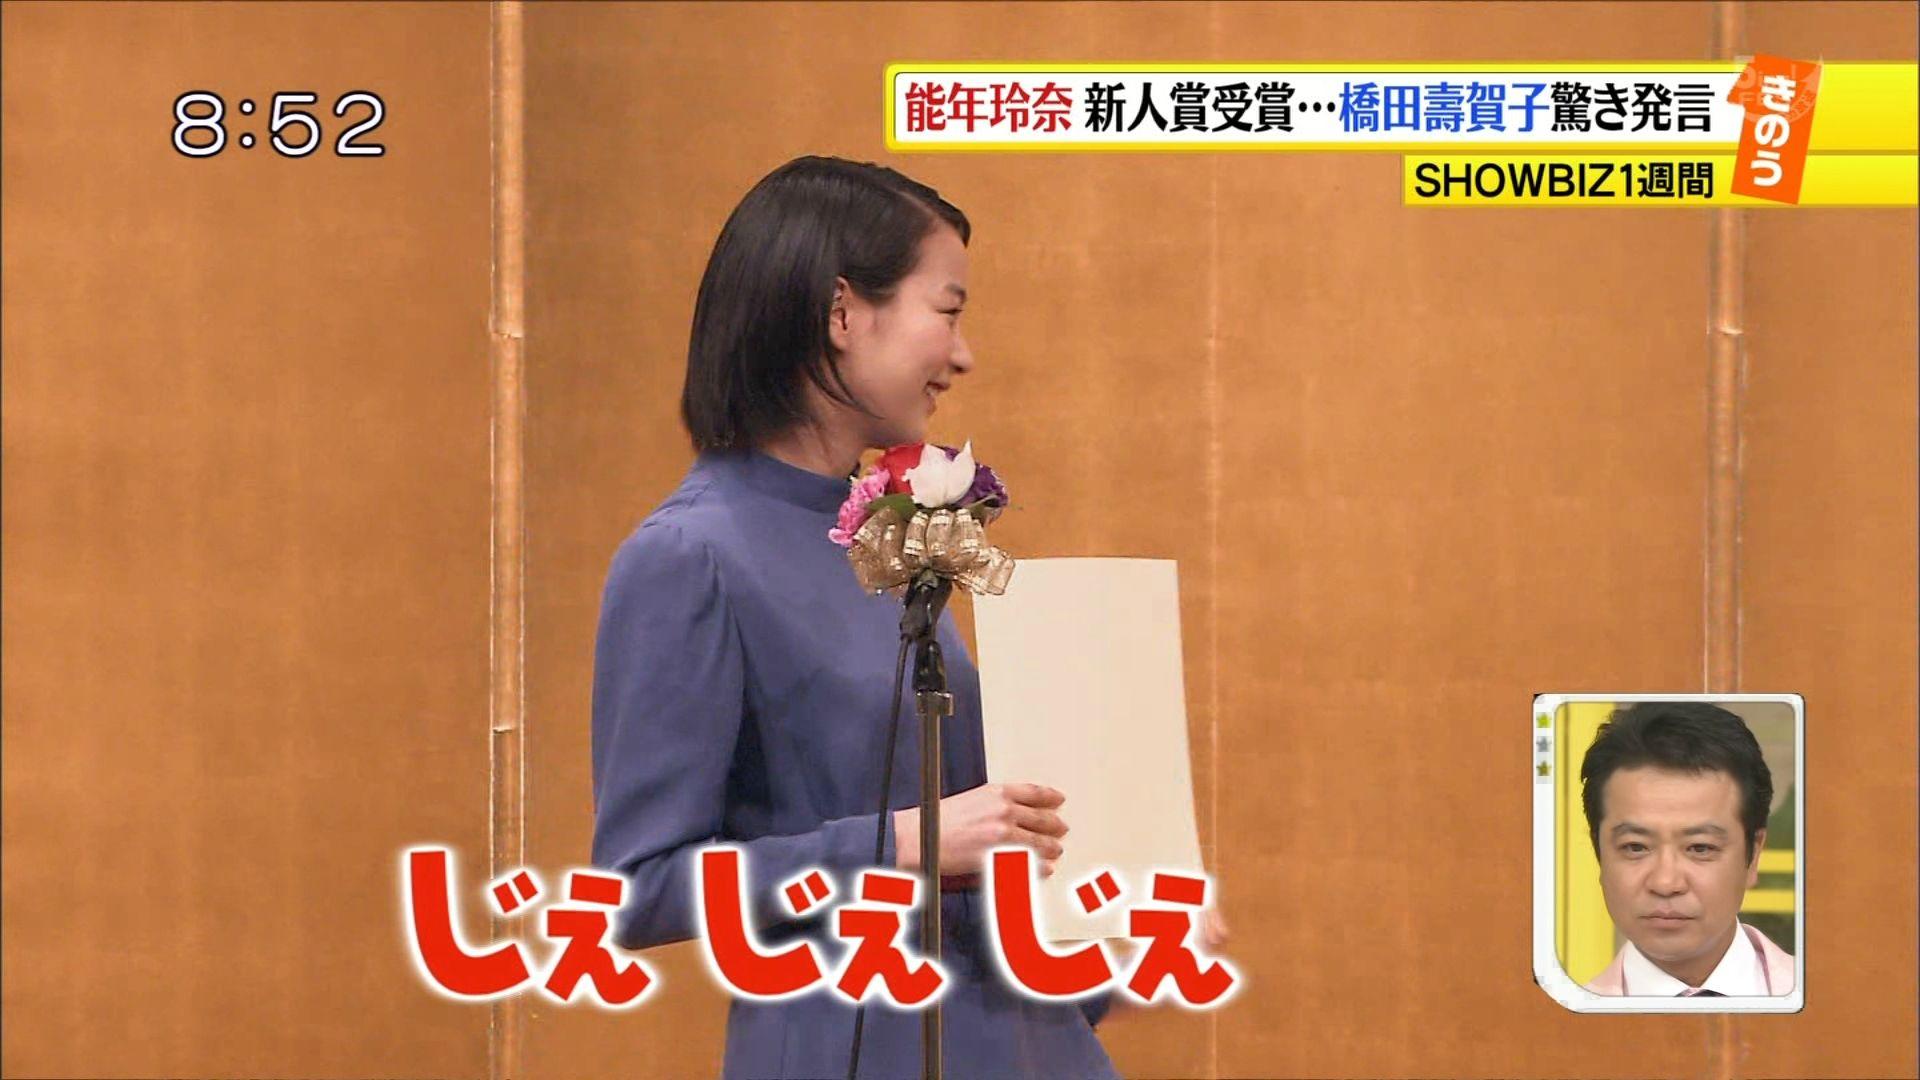 第22回橋田賞授賞式、新人賞を受賞した能年玲奈